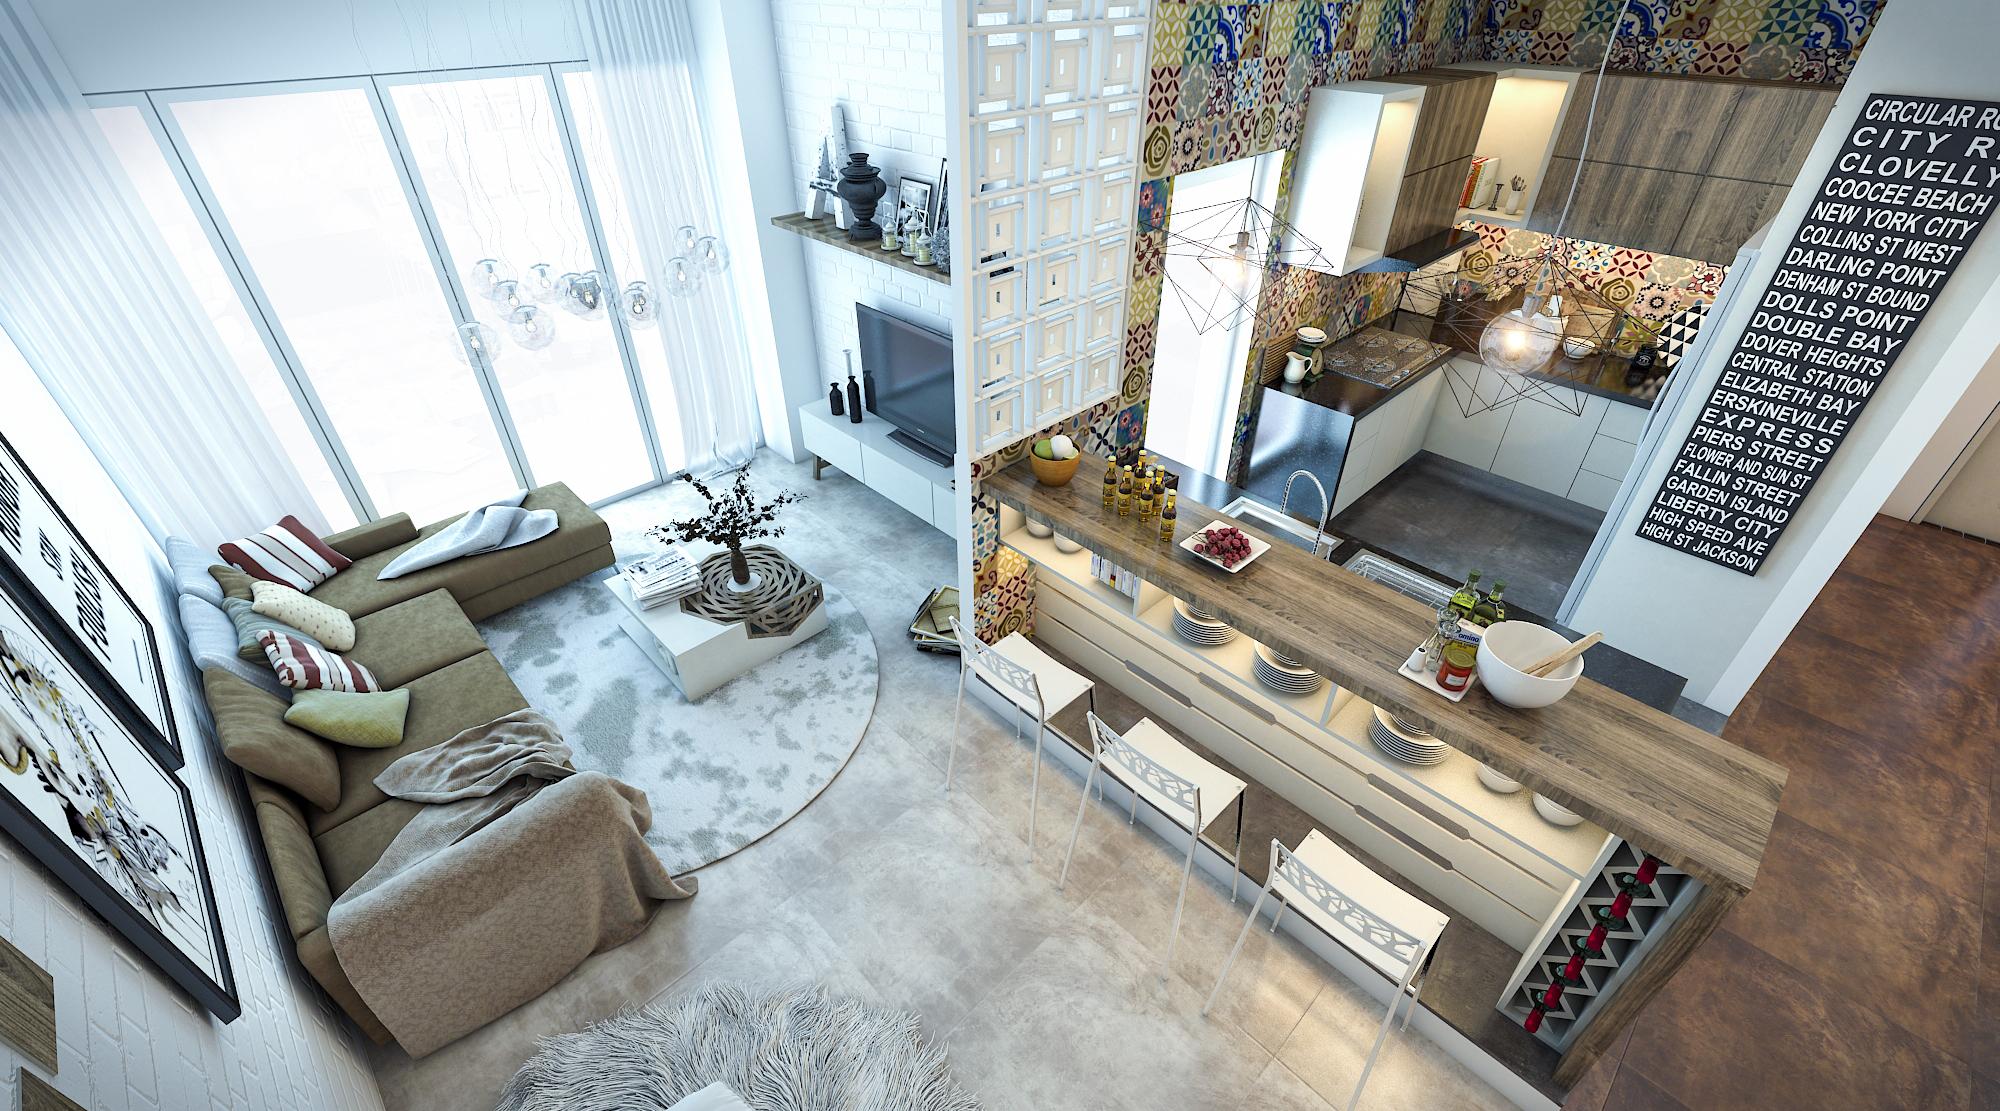 thiết kế nội thất chung cư tại Hồ Chí Minh Ms. Ly Apartment 10 1562574640